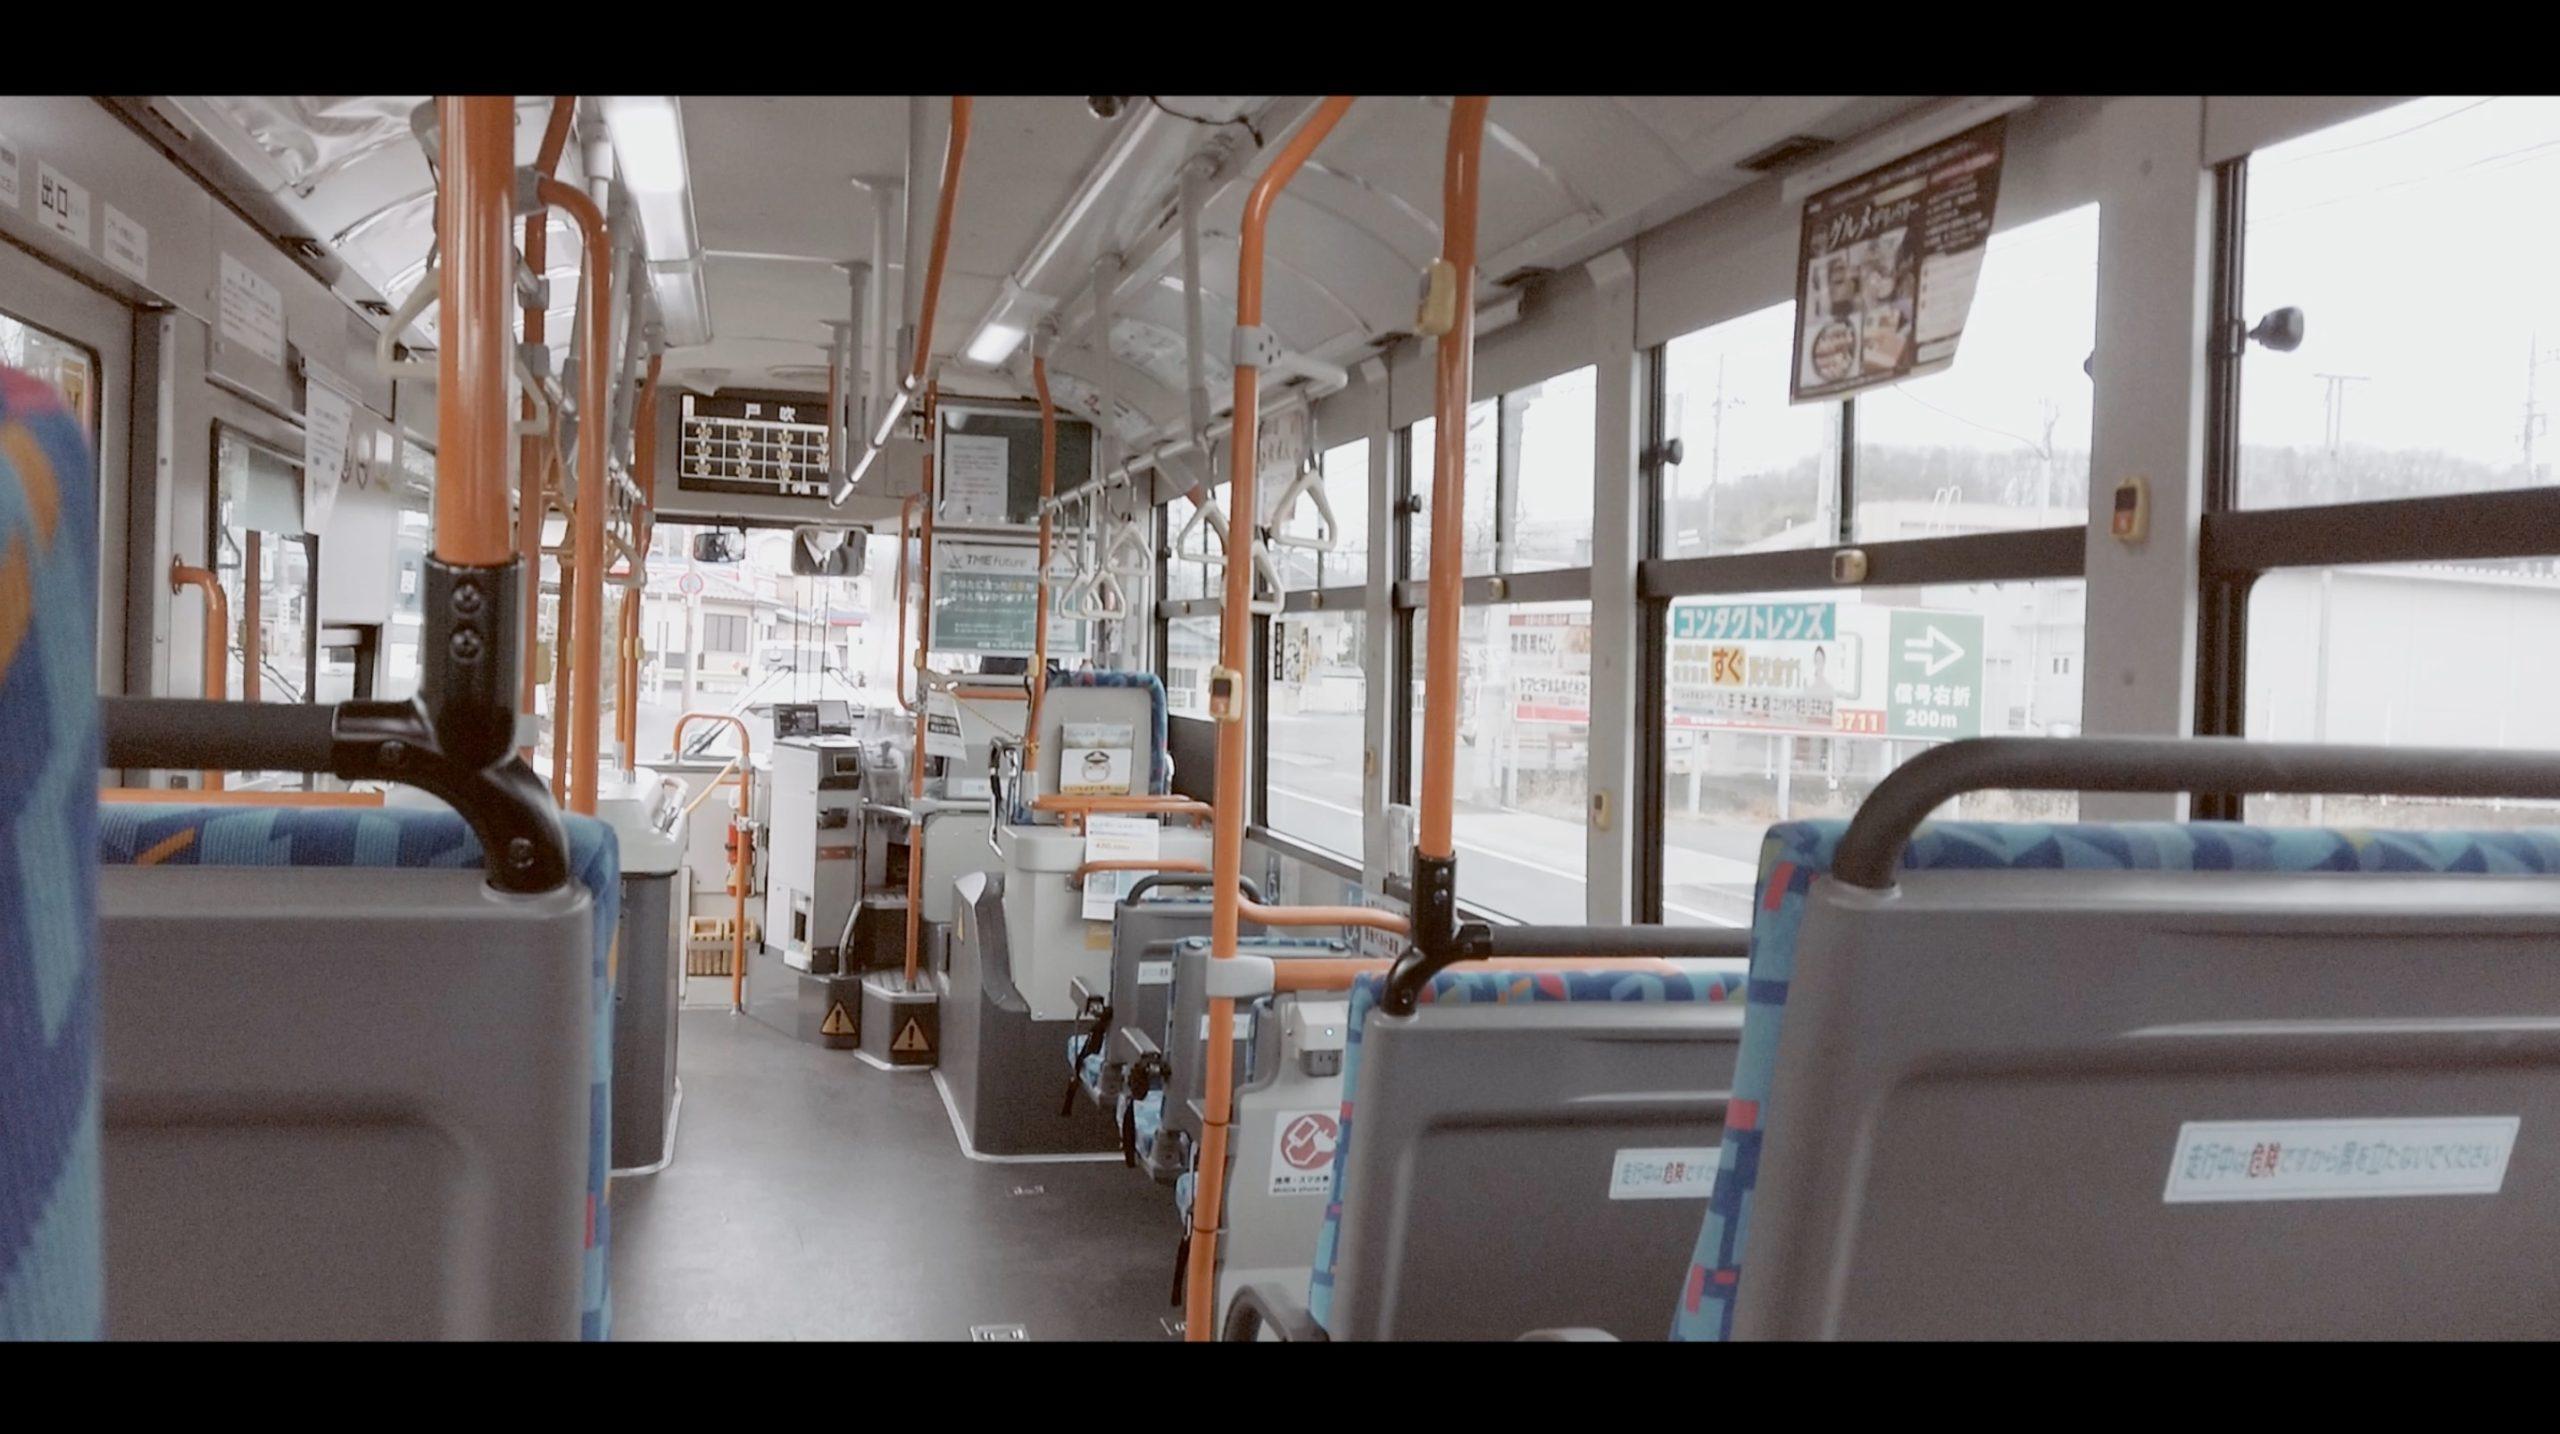 バスの社内